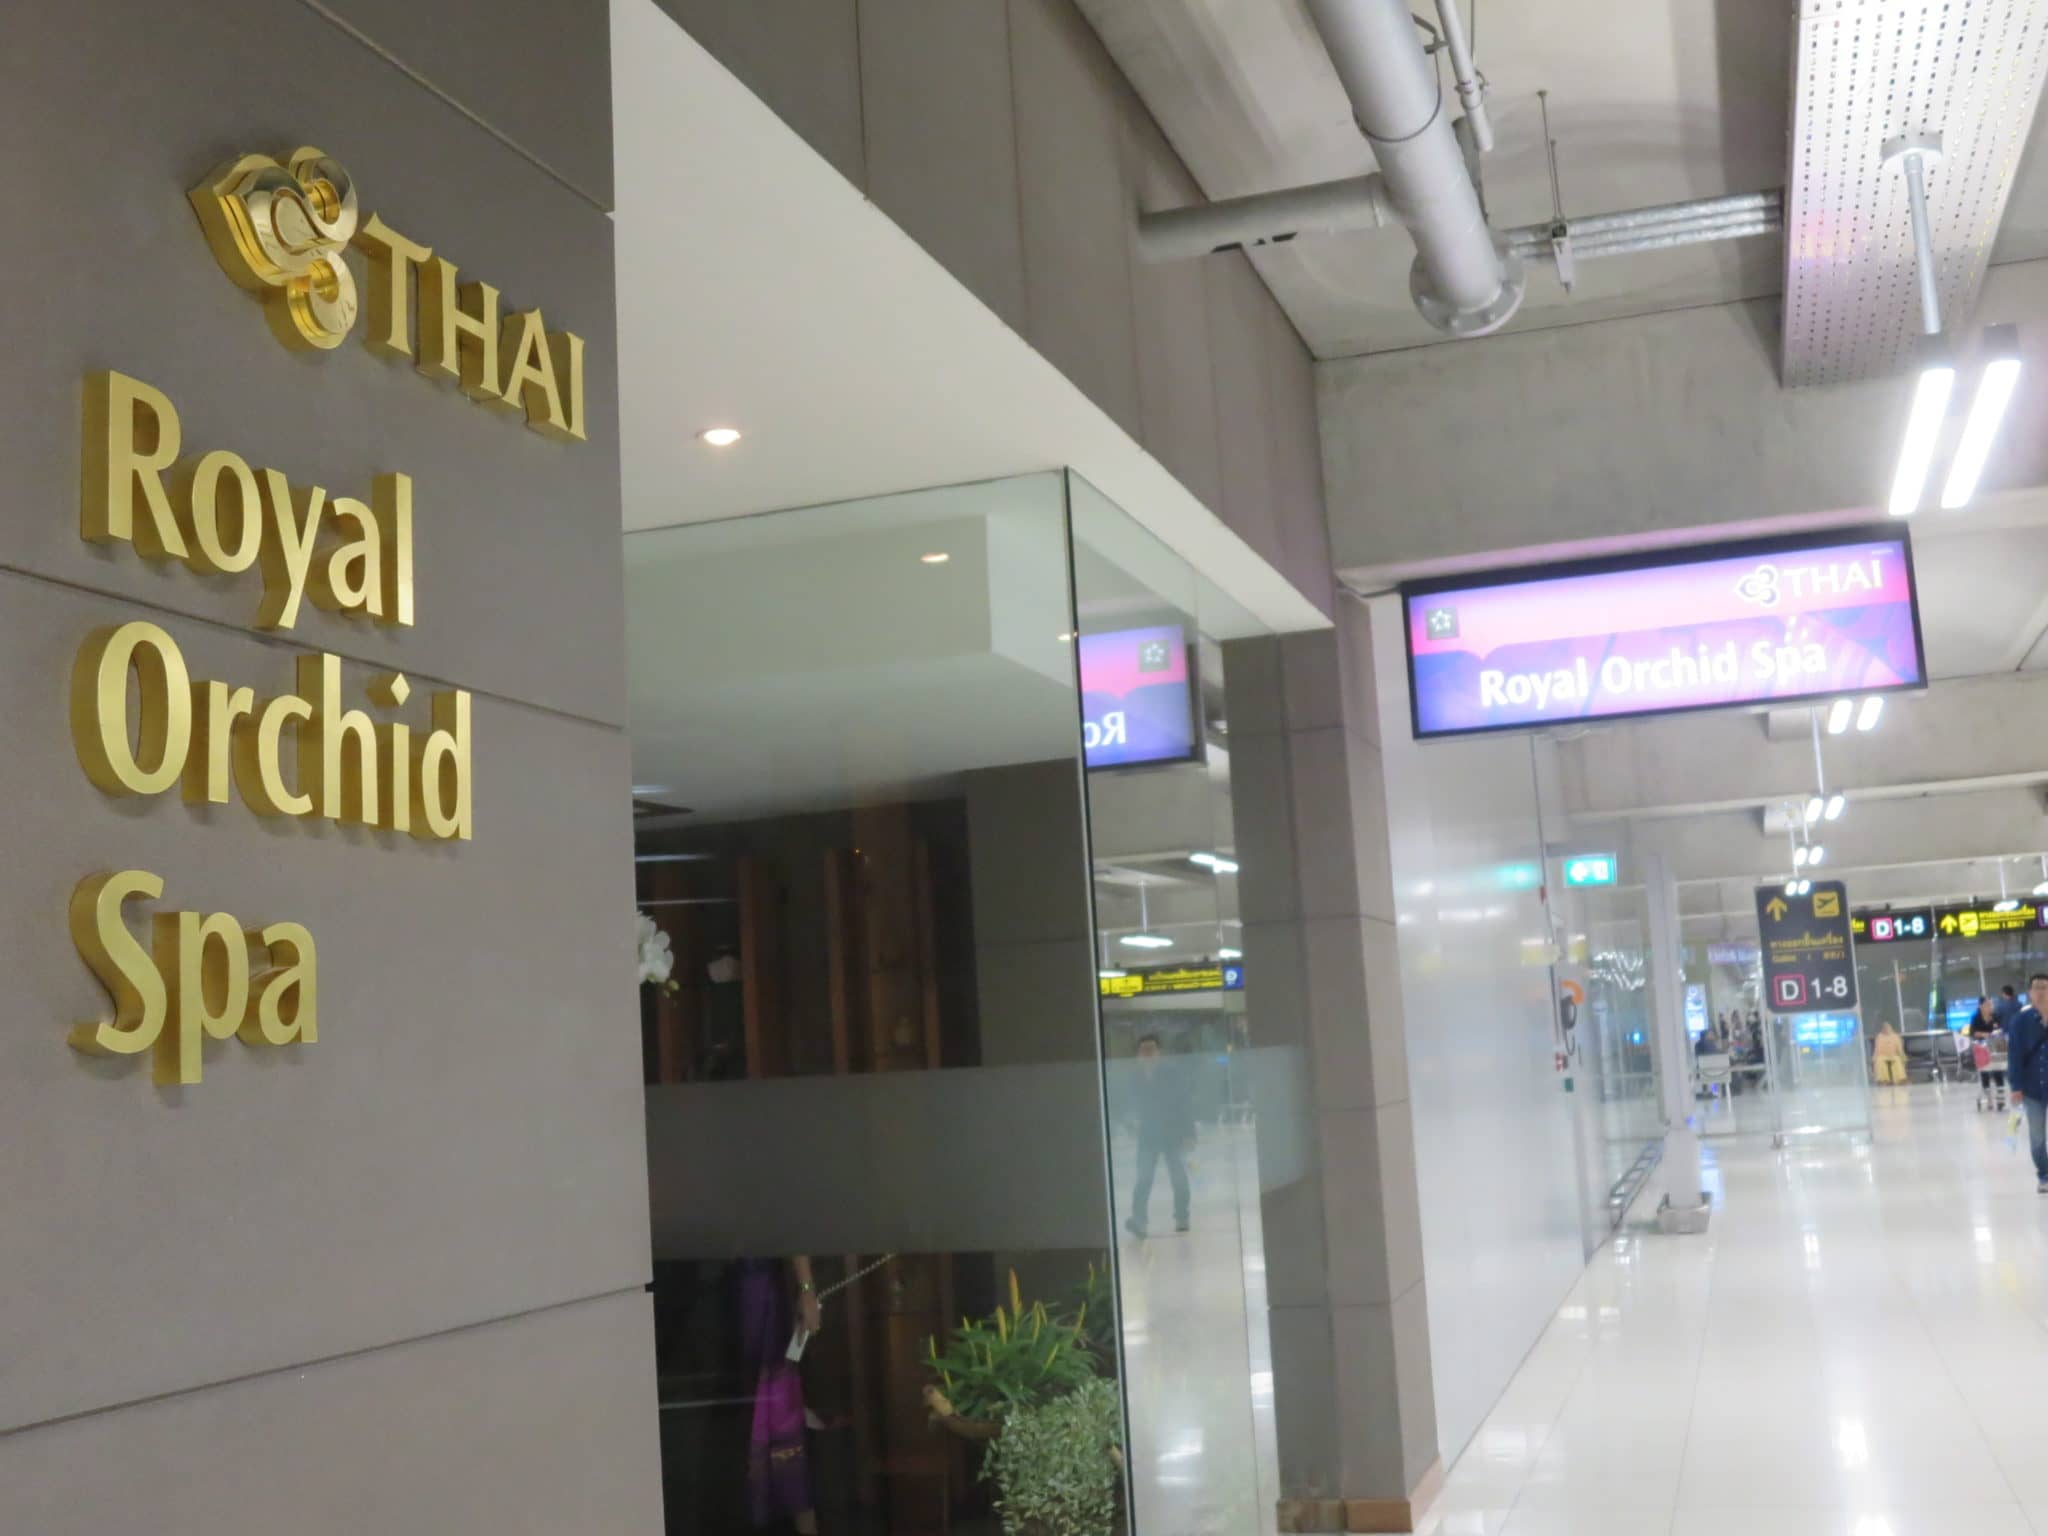 Thai Airways Royal Orchid Spa Bangkok Airport